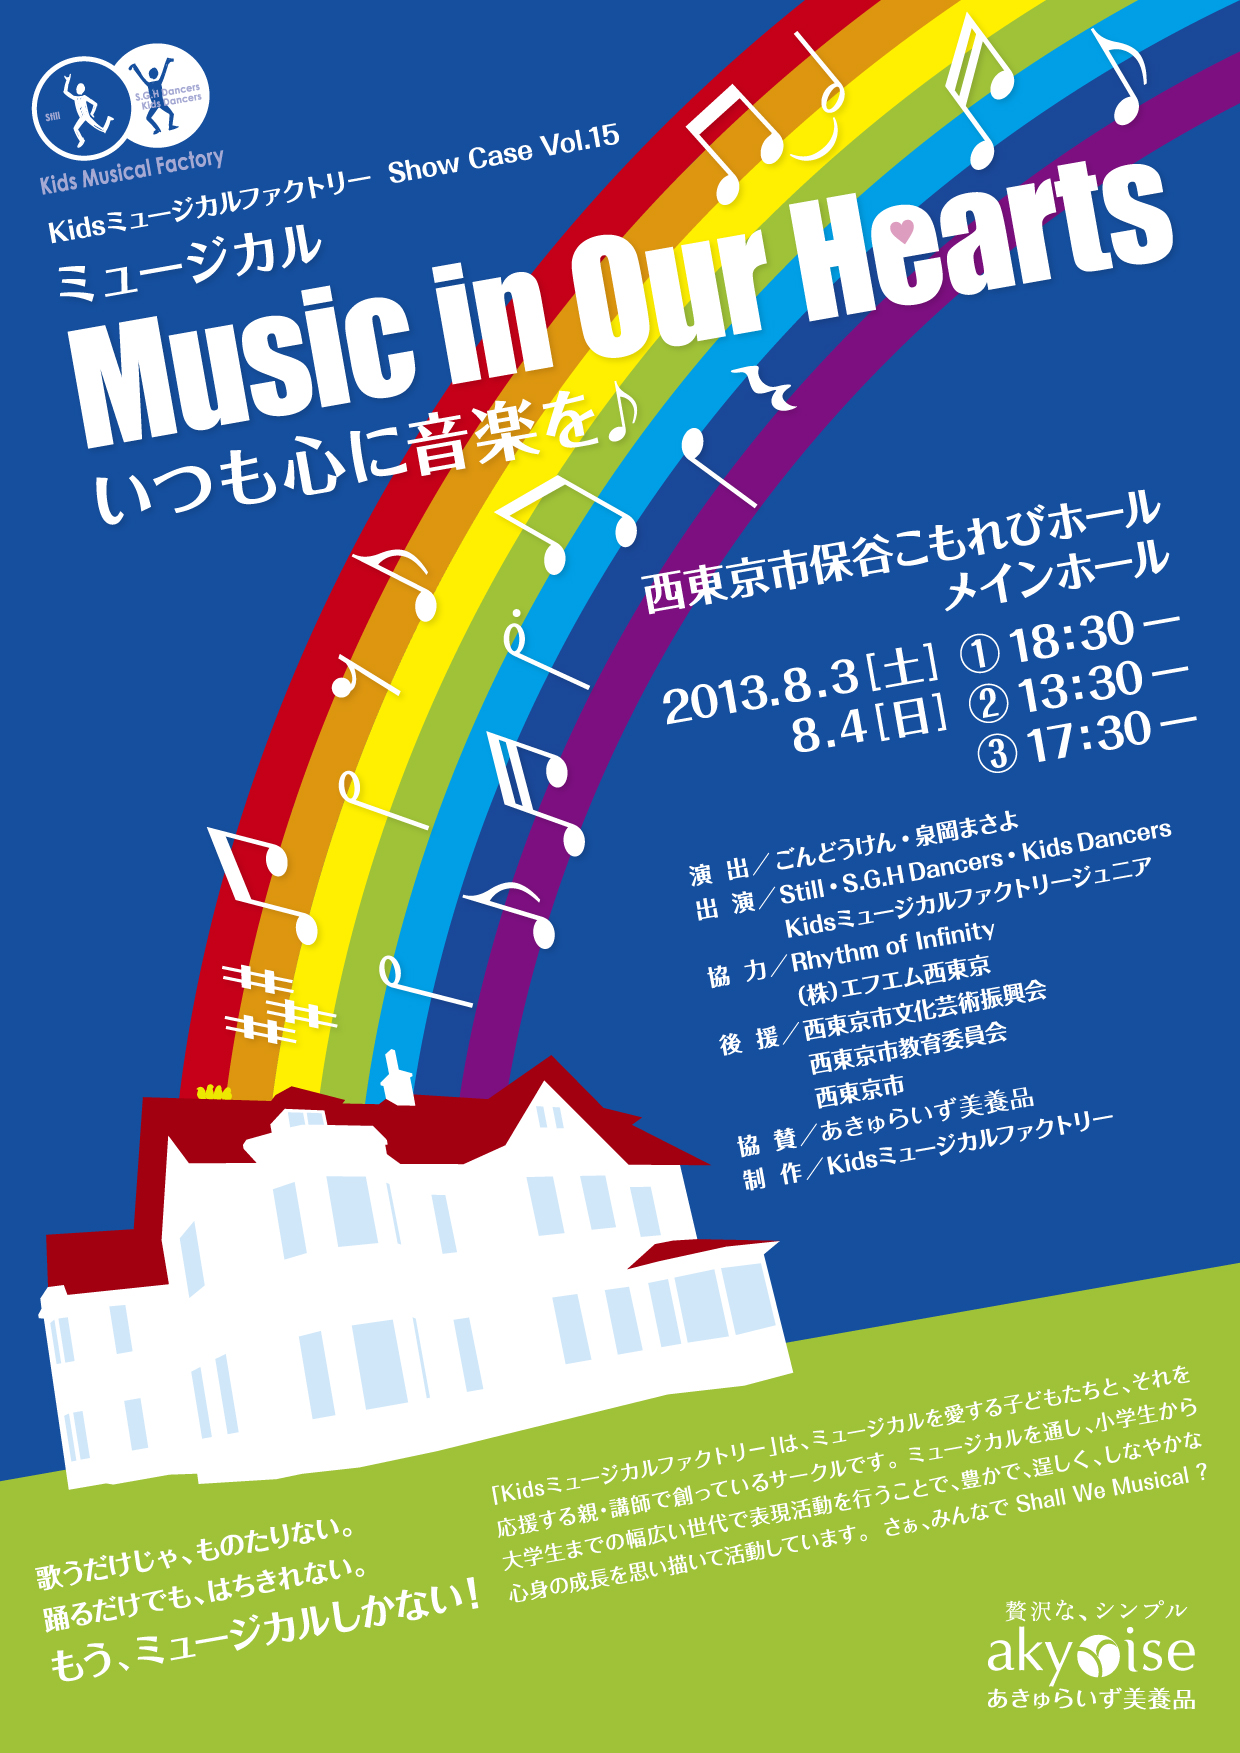 kidsミュージカルファクトリー第8回発表公演